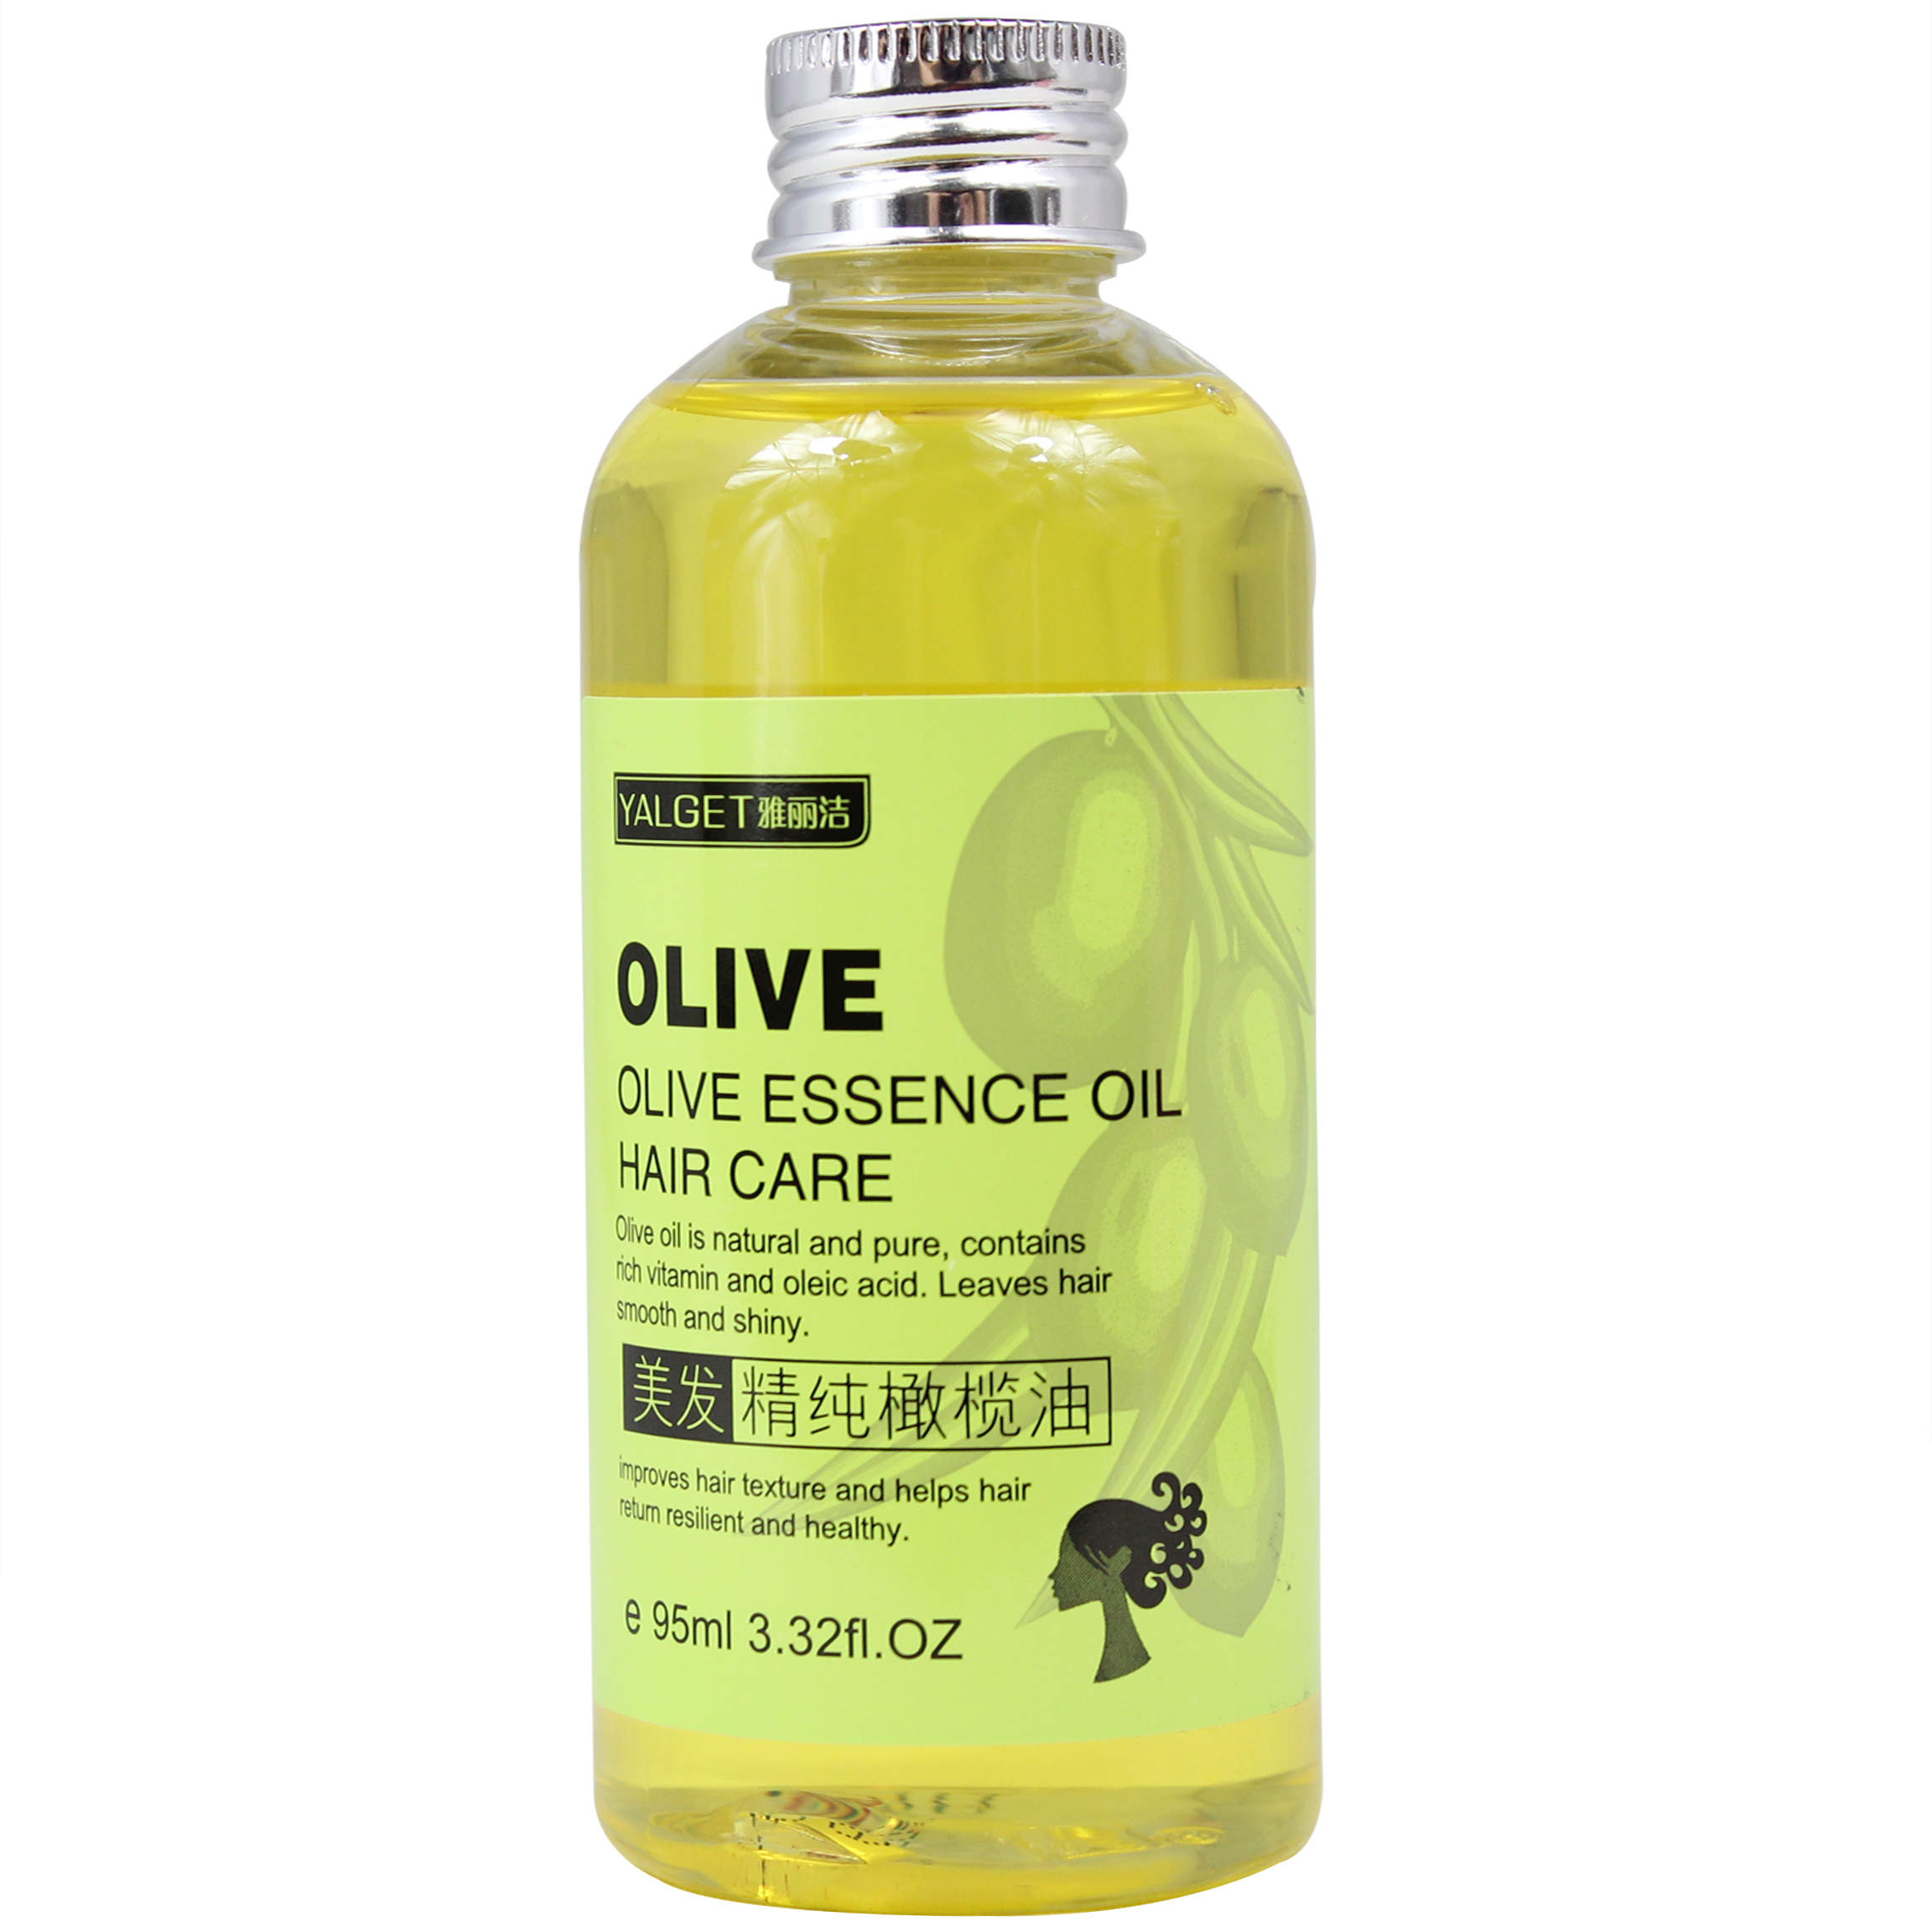 特价包邮雅丽洁国货正品美容美发精纯玫瑰橄榄油护发头发护理精油商品图片